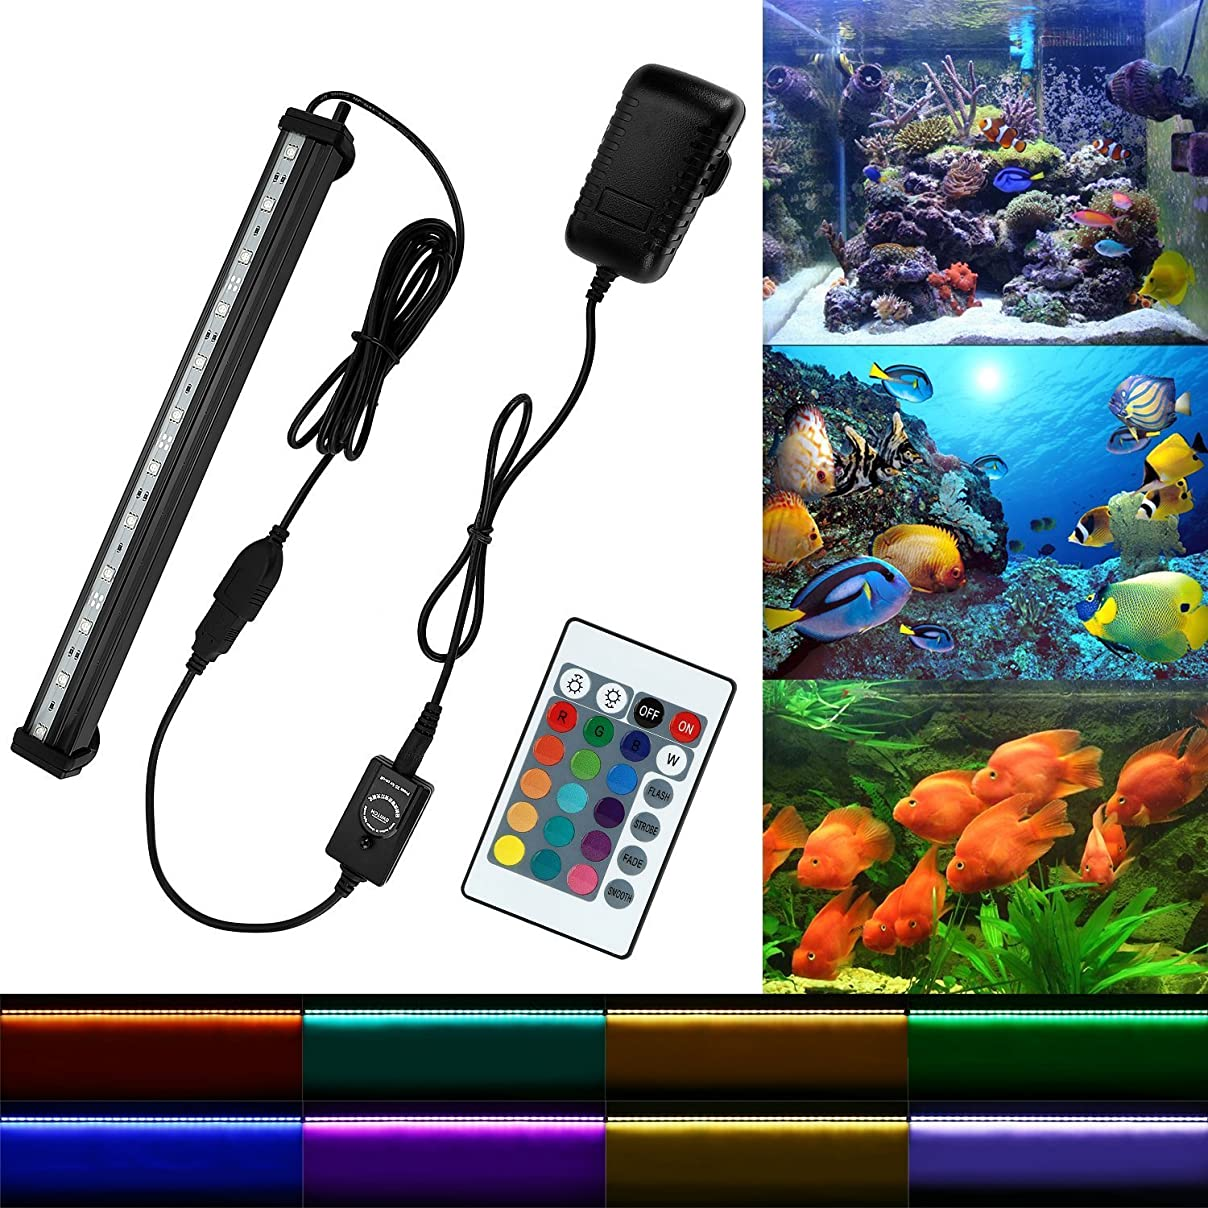 素子有効なストローEtelux LED水槽ライト気泡 水中アクアリュムランプ 水槽用照明 装飾 観賞魚 熱帯魚 酸素補給 高輝度 省エネ (12LED)